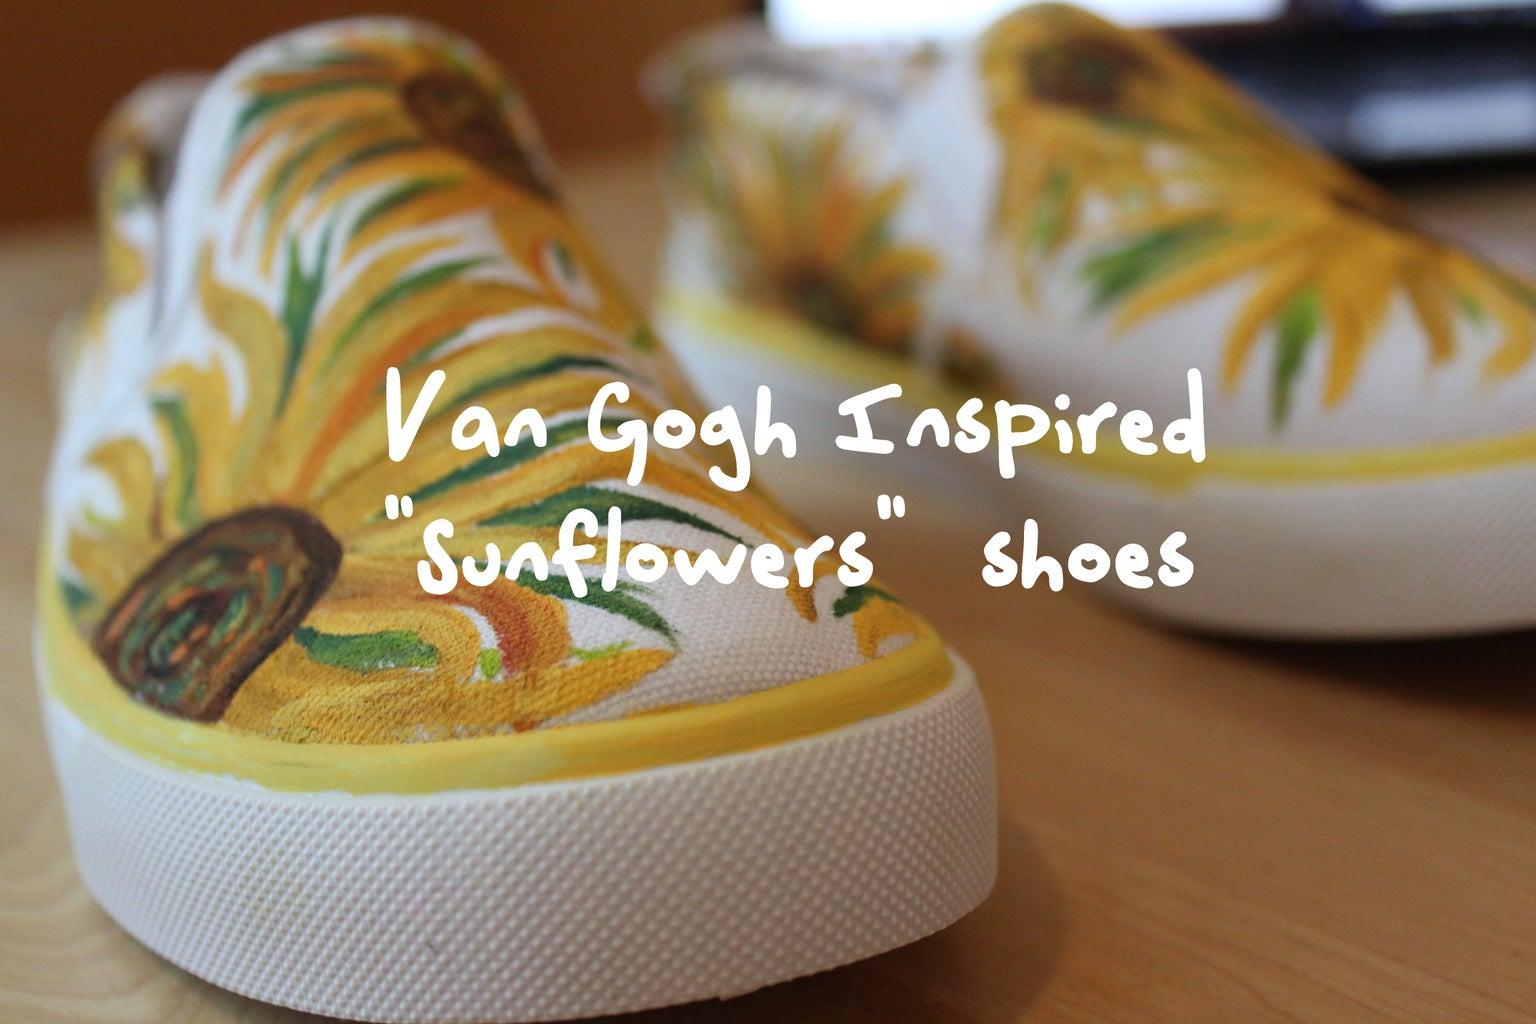 Van Gogh Inspired Yellow Sunflower Shoes